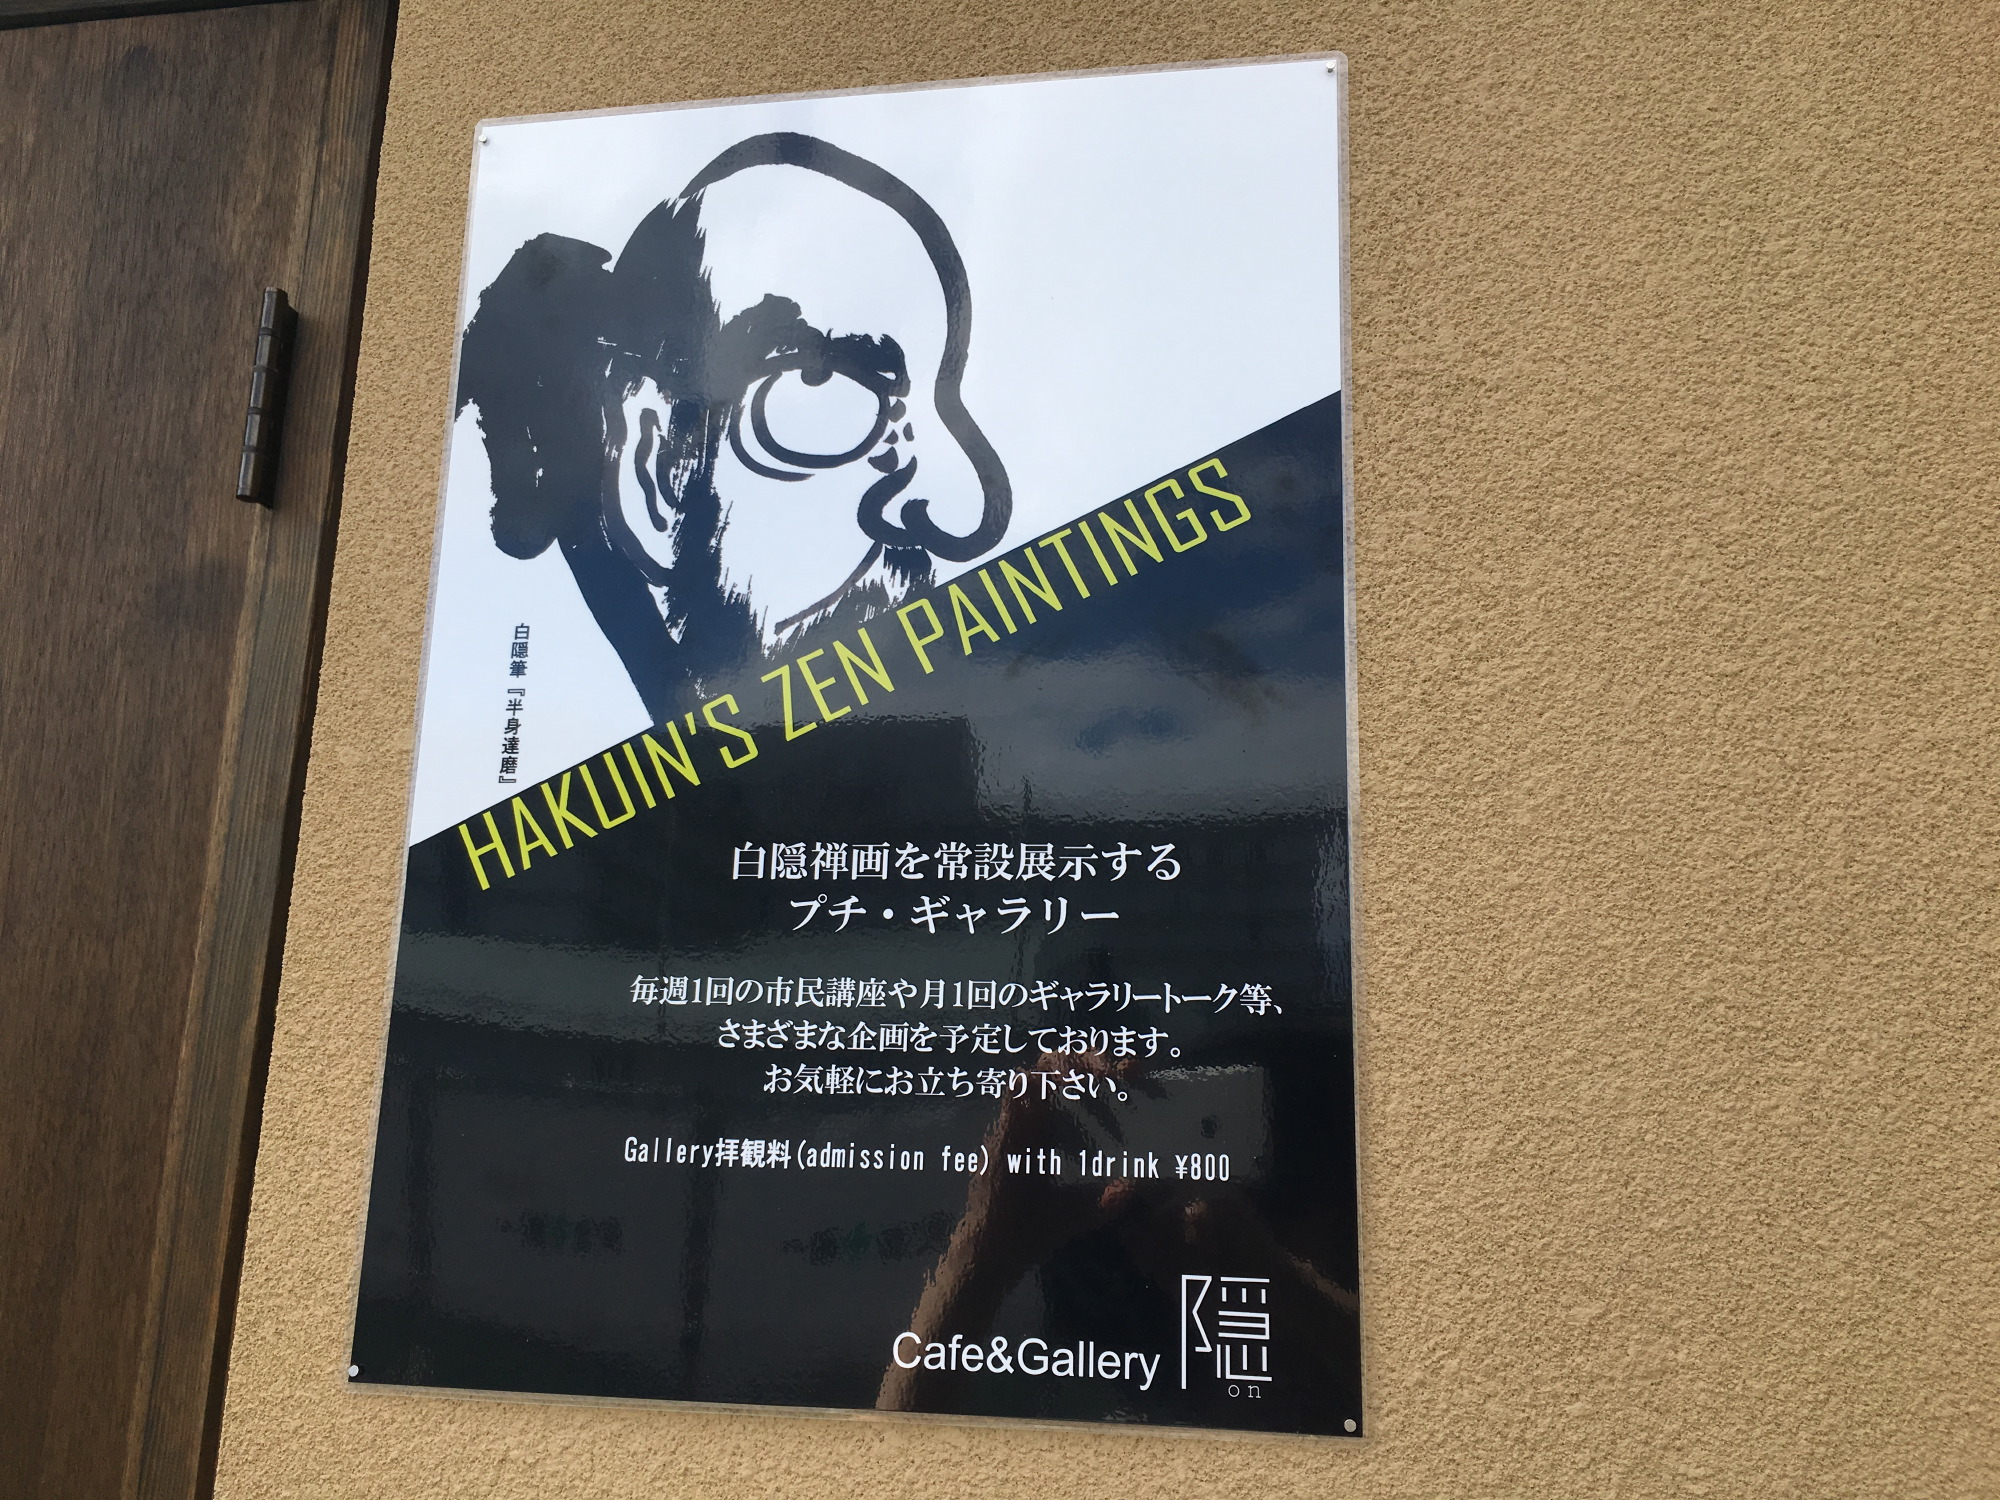 カフェ&ギャラリー隠